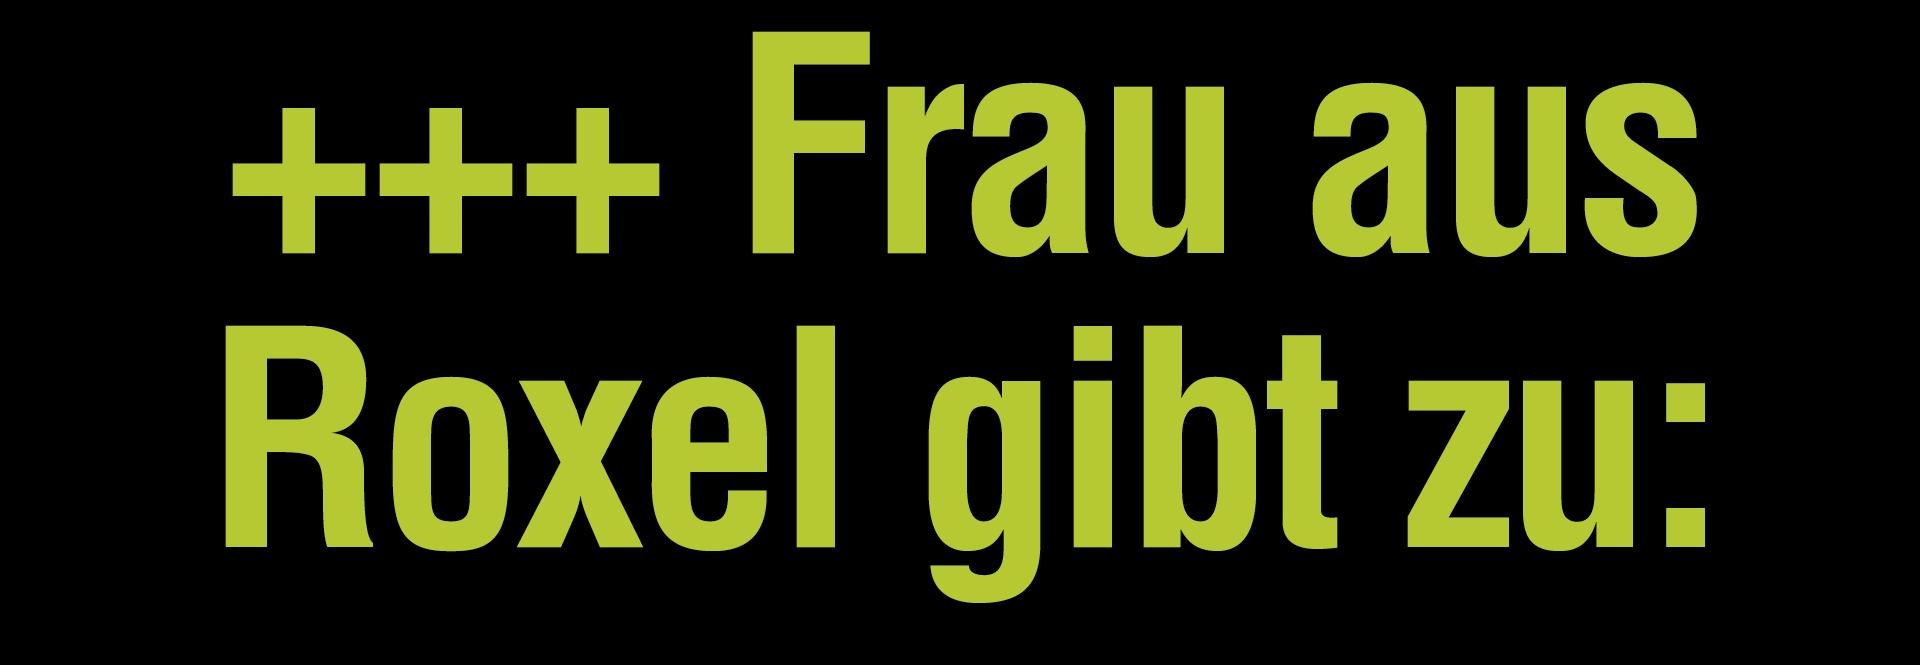 X-und-Y-Abfallwirtschaftsbetriebe-Muenster-Bioabfallkampagne-Plakate